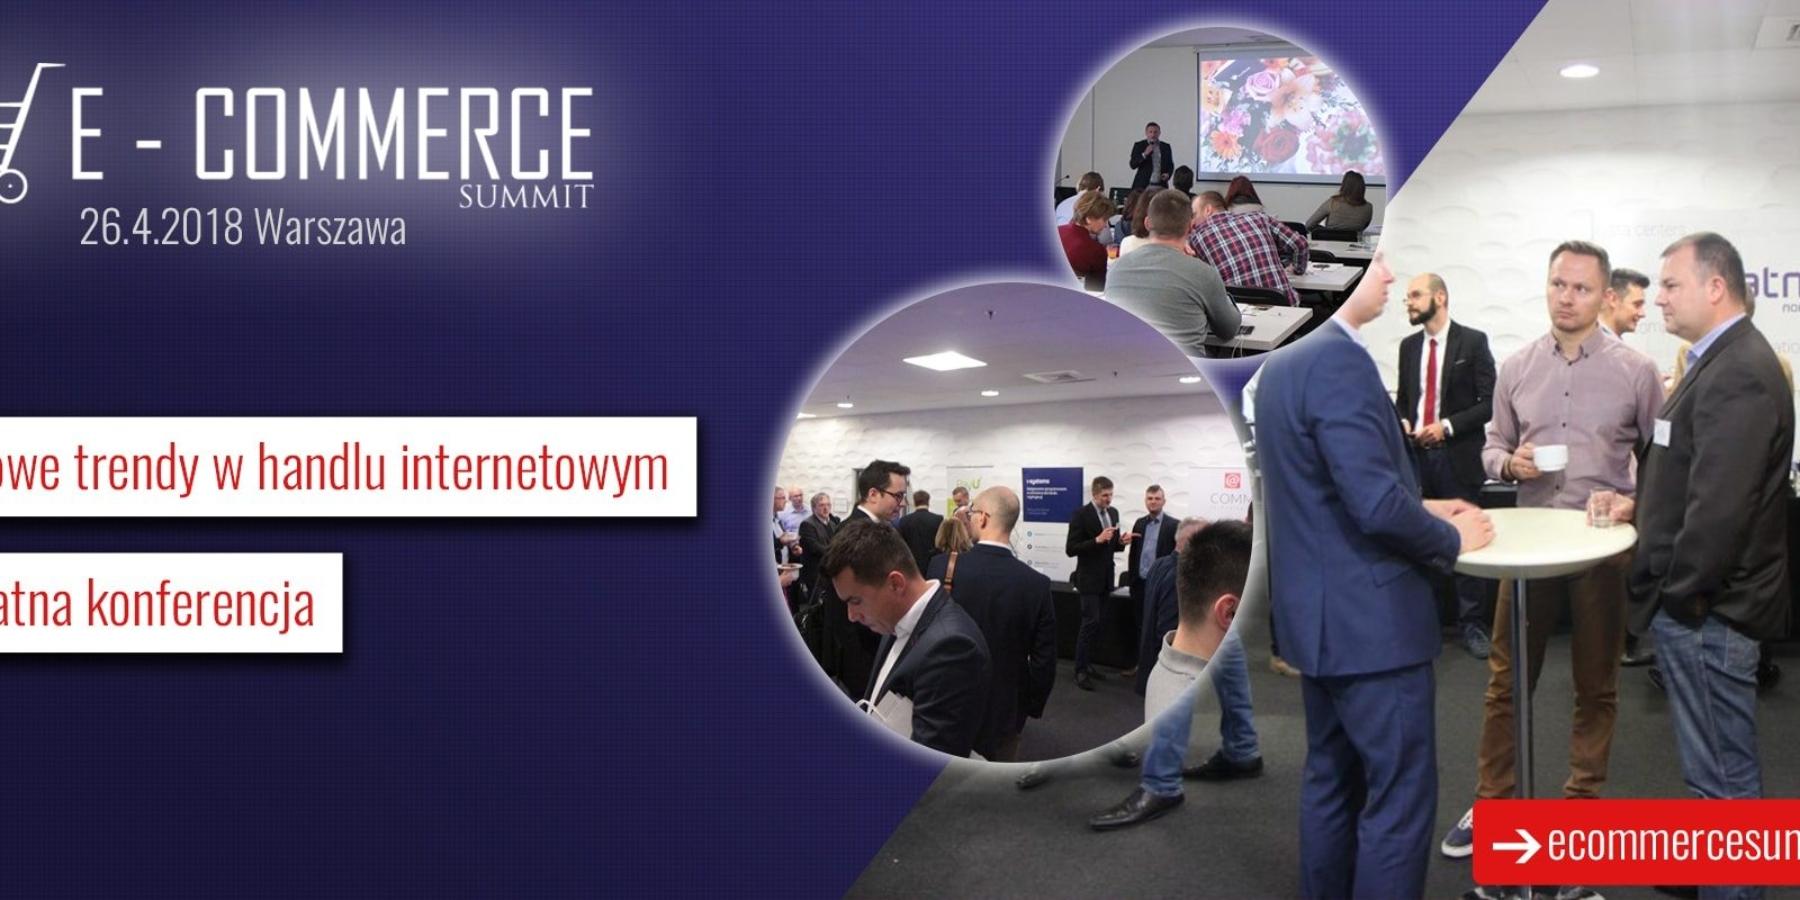 E-commerce Summit czyli świat internetowego handlu już 26 kwietnia 2018 – zarejestruj się bezpłatnie nakongres